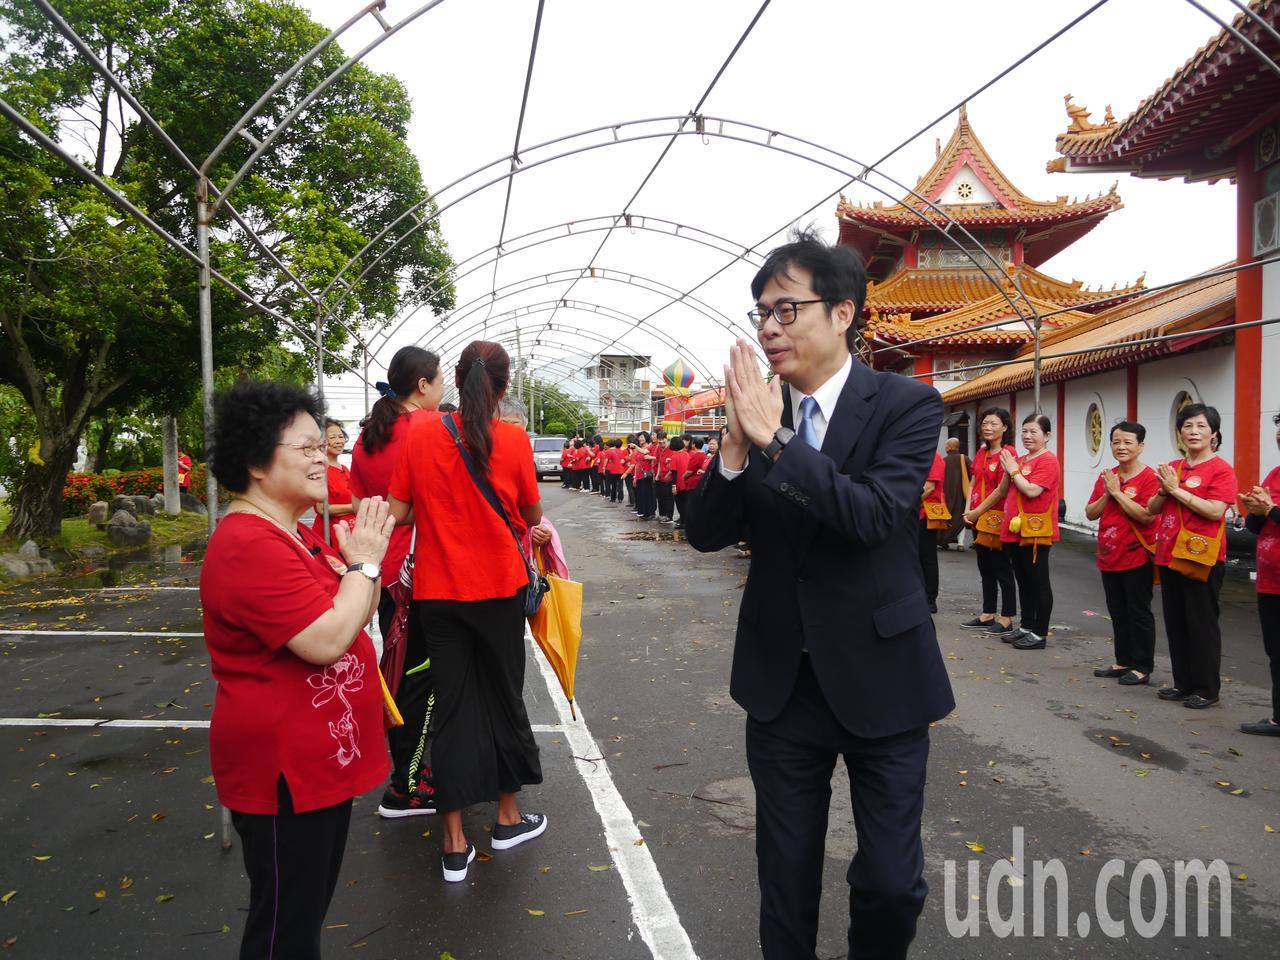 行政院副院長陳其邁參加高雄光德寺祈福法會。記者徐白櫻/攝影